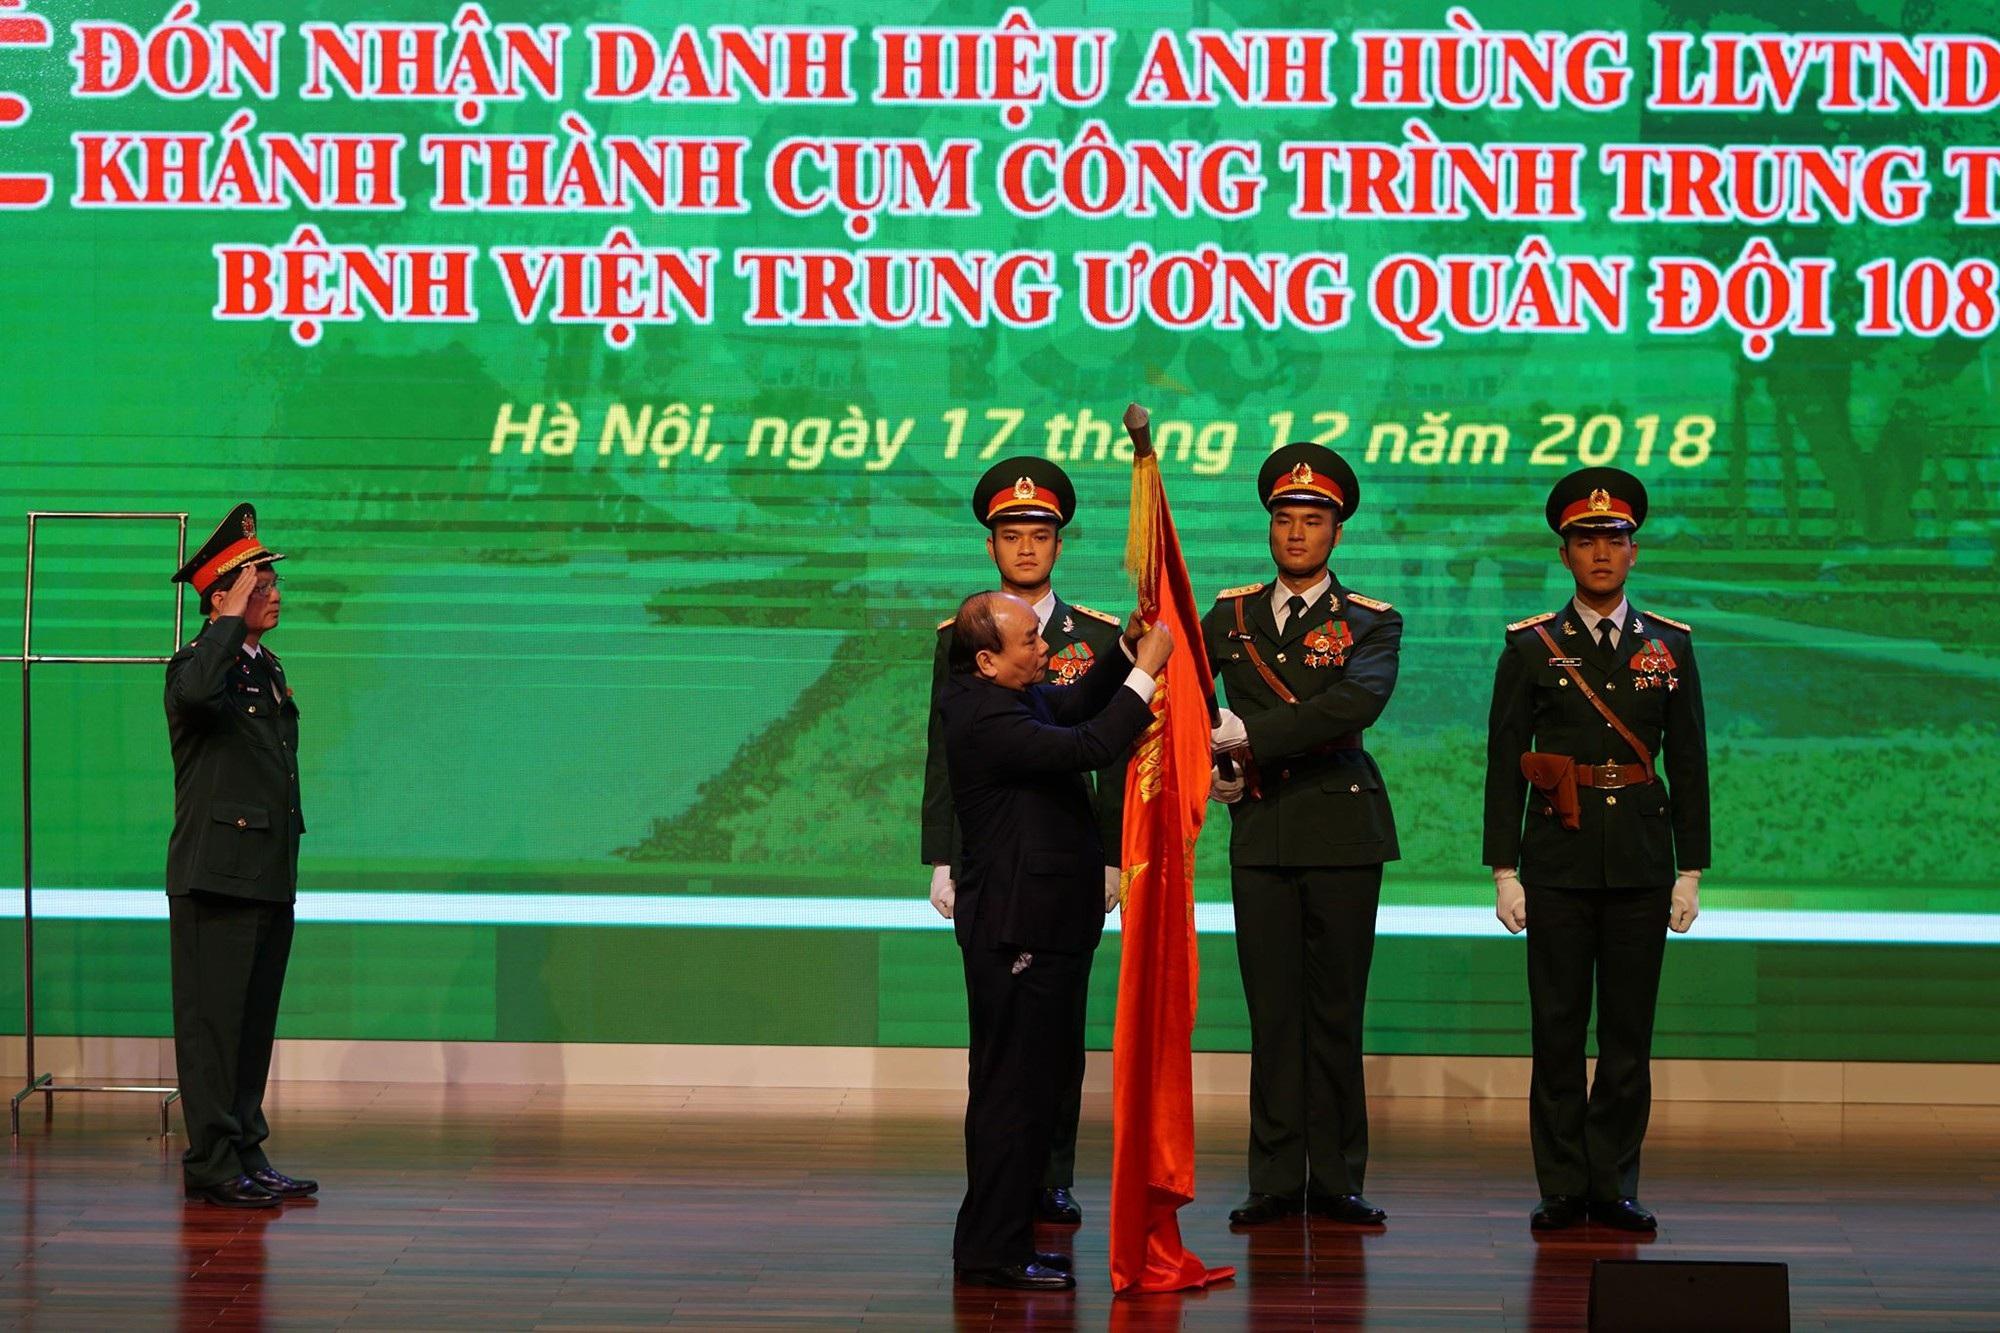 Thủ tướng dự lễ khánh thành tòa bệnh viện công hiện đại nhất Việt Nam - Ảnh 1.